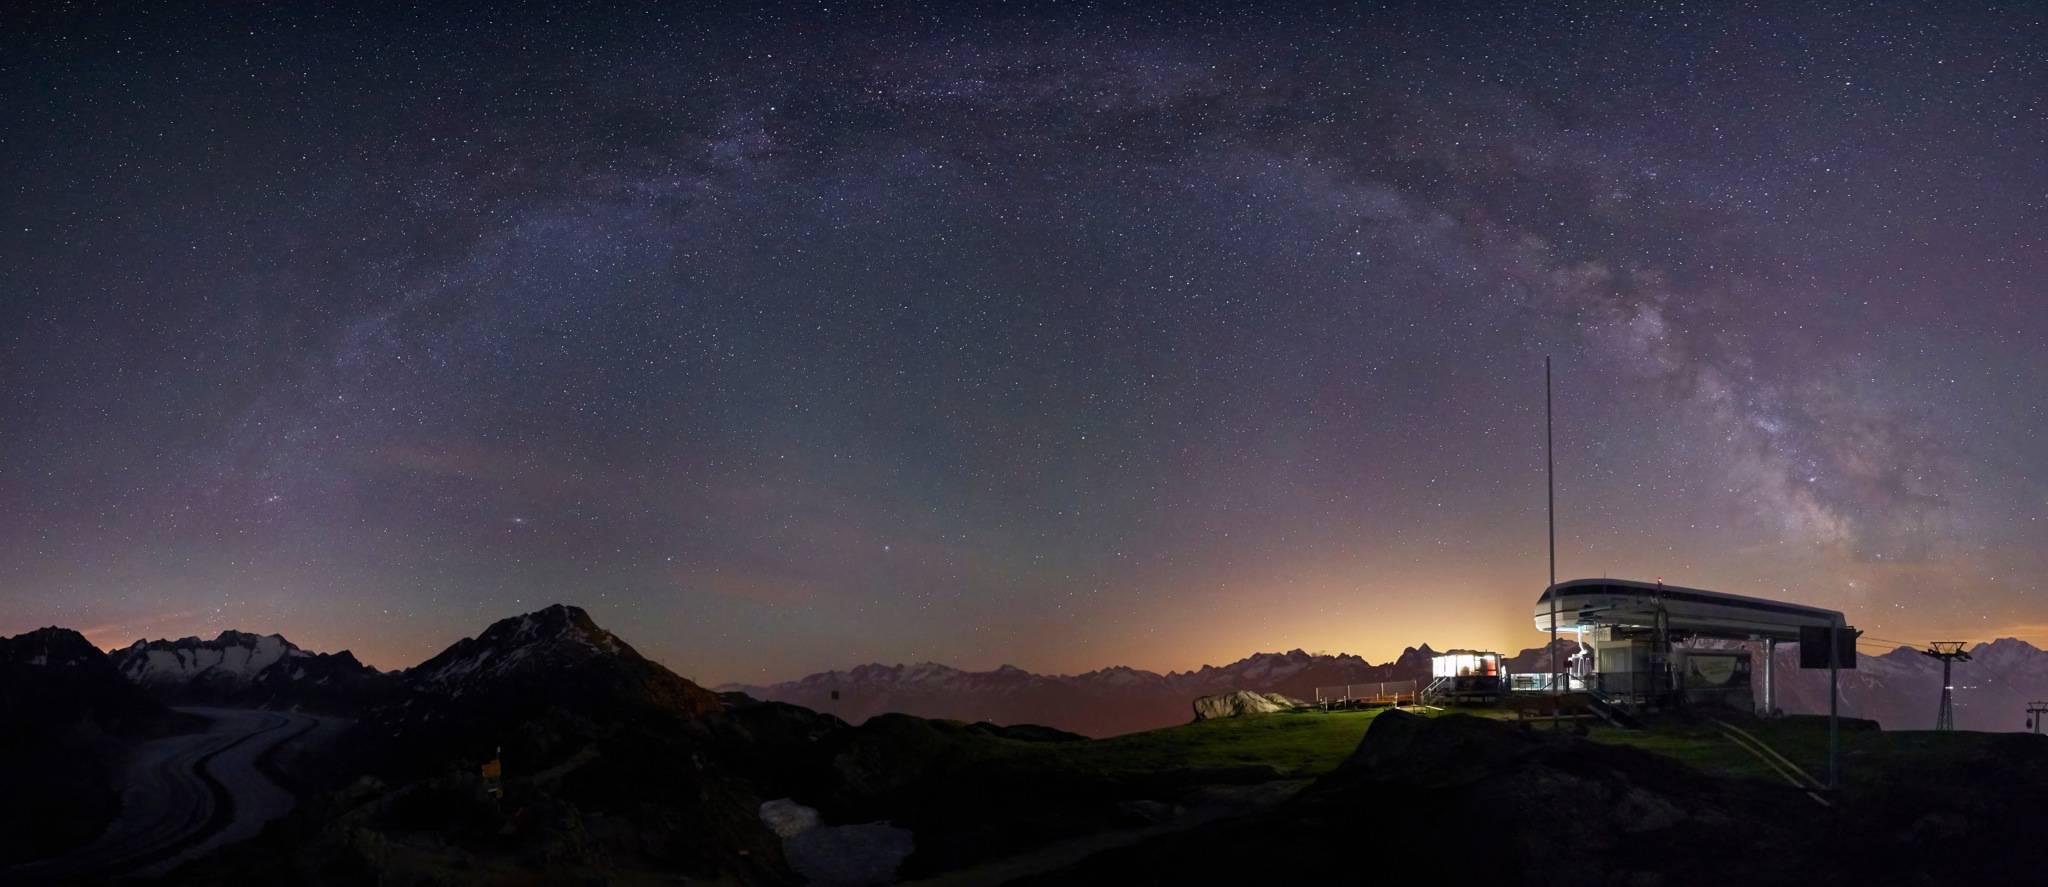 Milchstrasse, fotografiert von der Moosfluh im Aletsch Gebiet © Markus Eichenberger